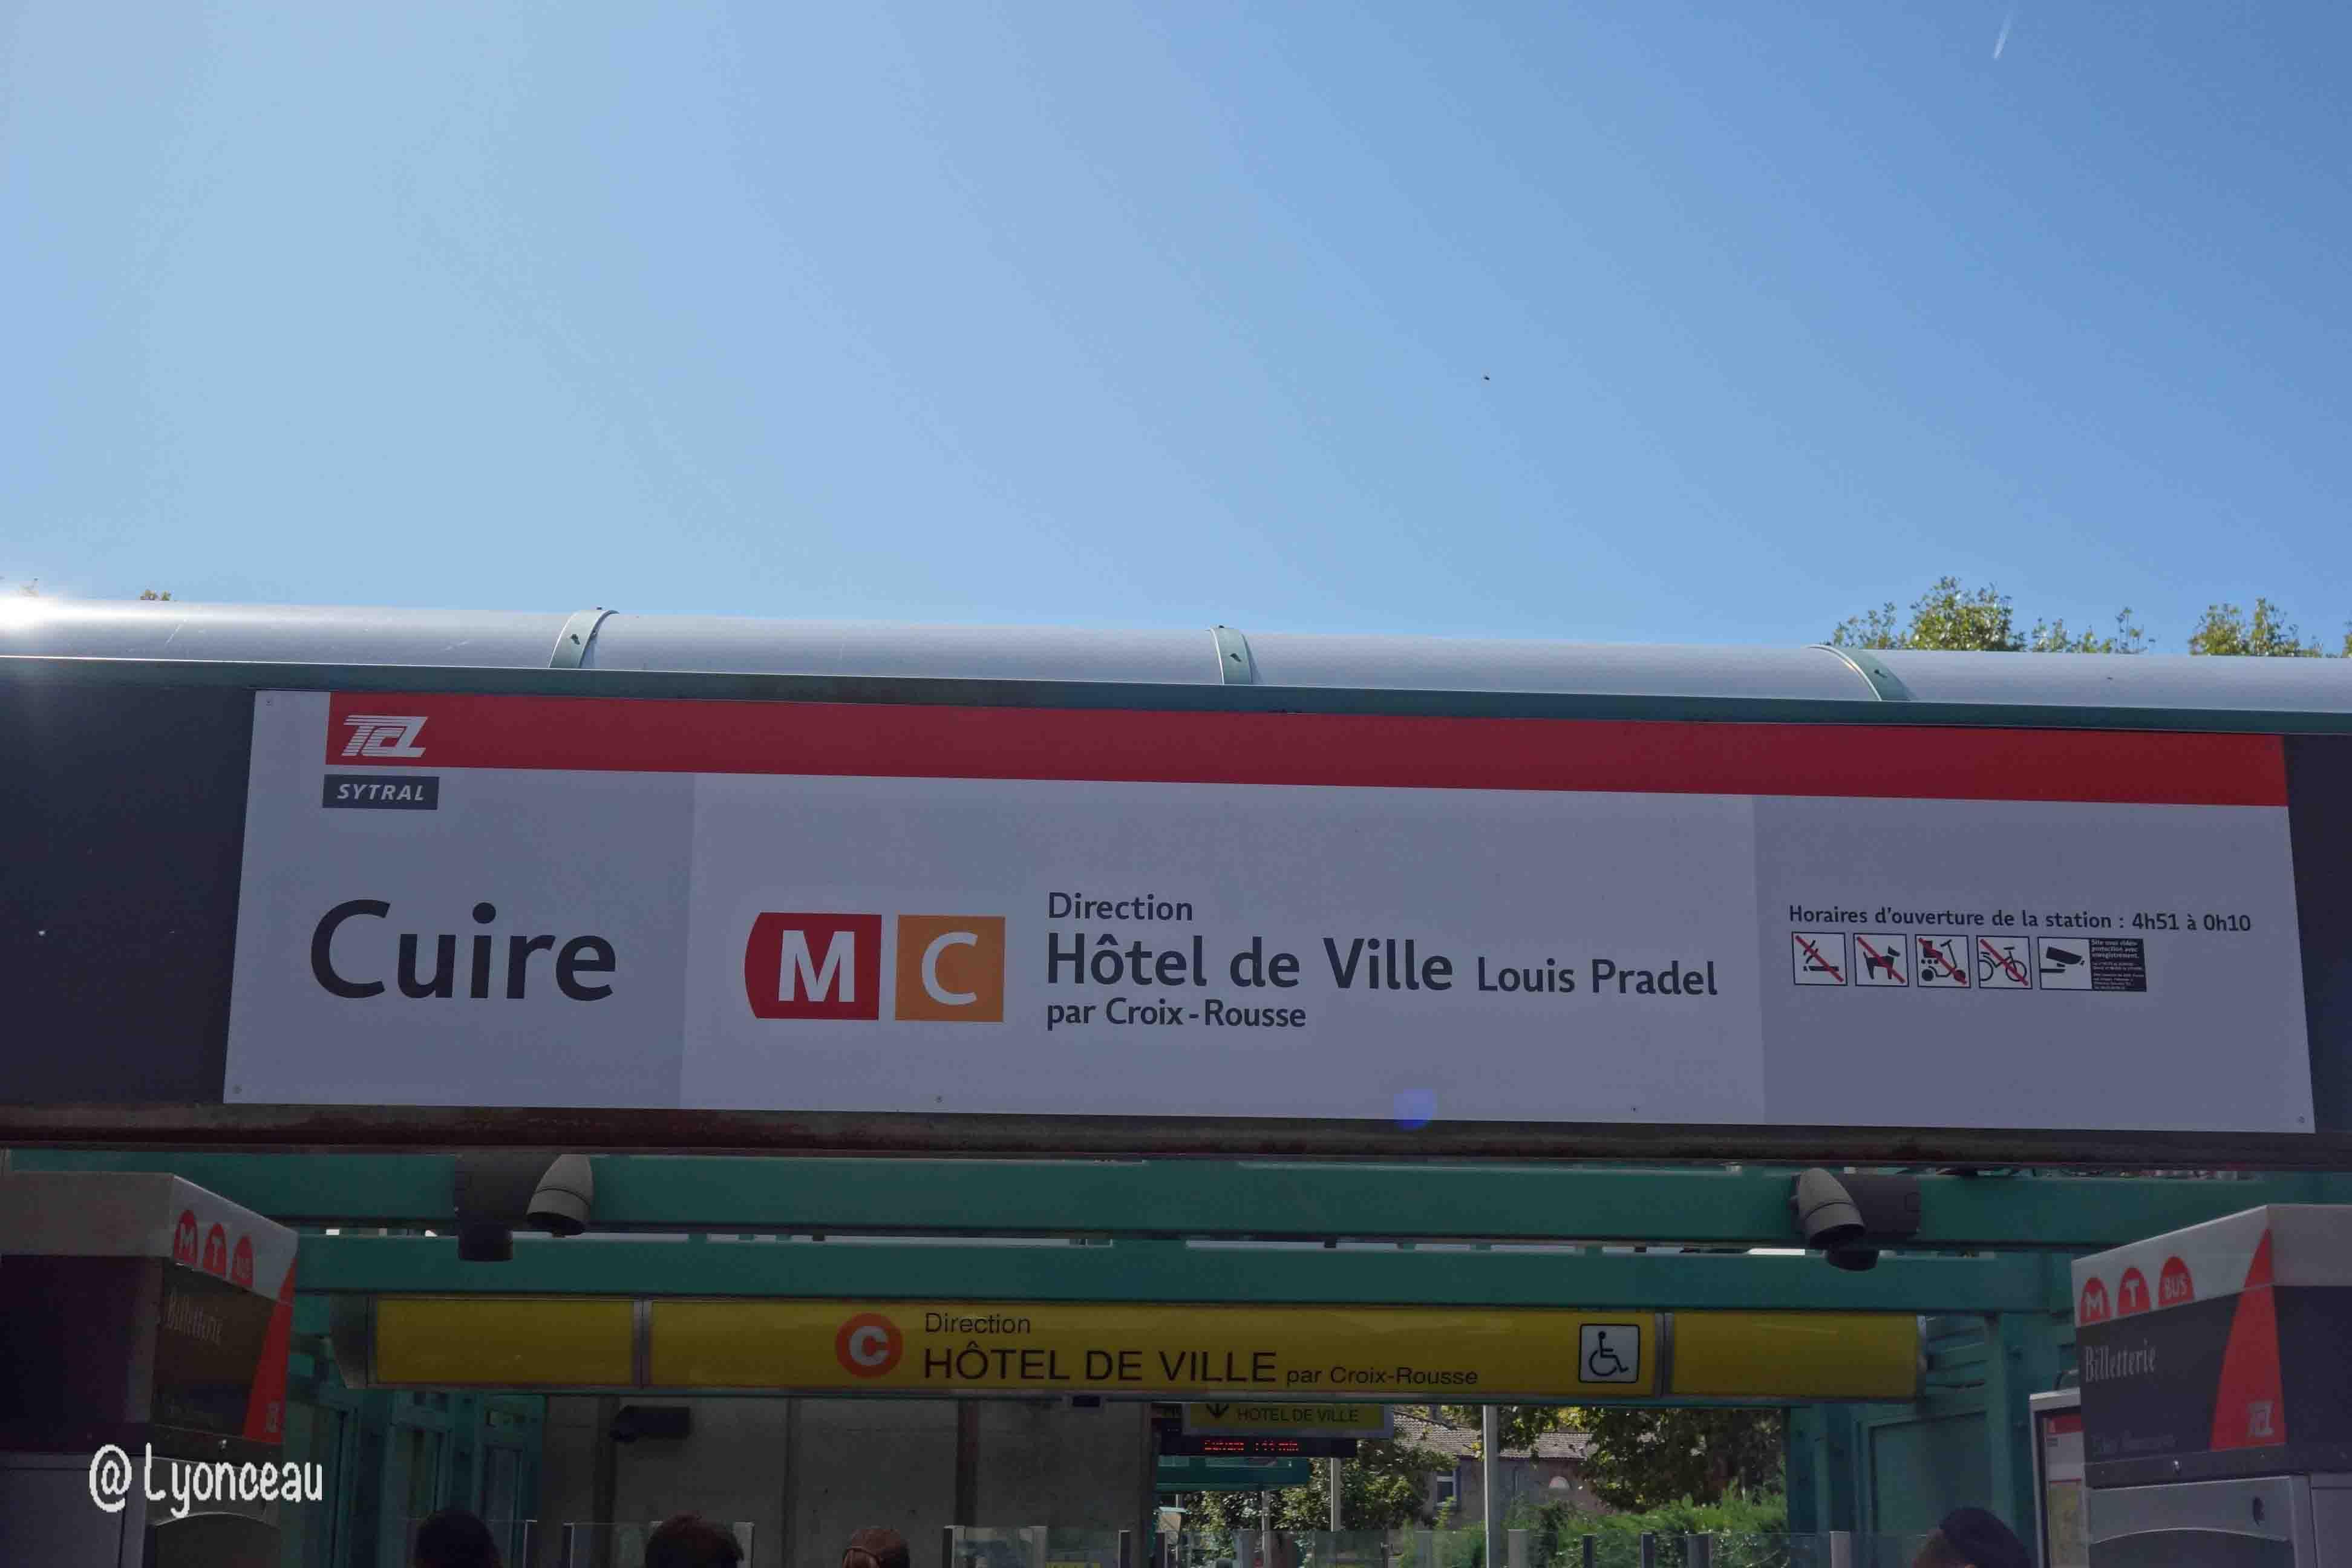 リヨン交通ガイド - 地下鉄・トラム・バス・ケーブルカーの乗り方